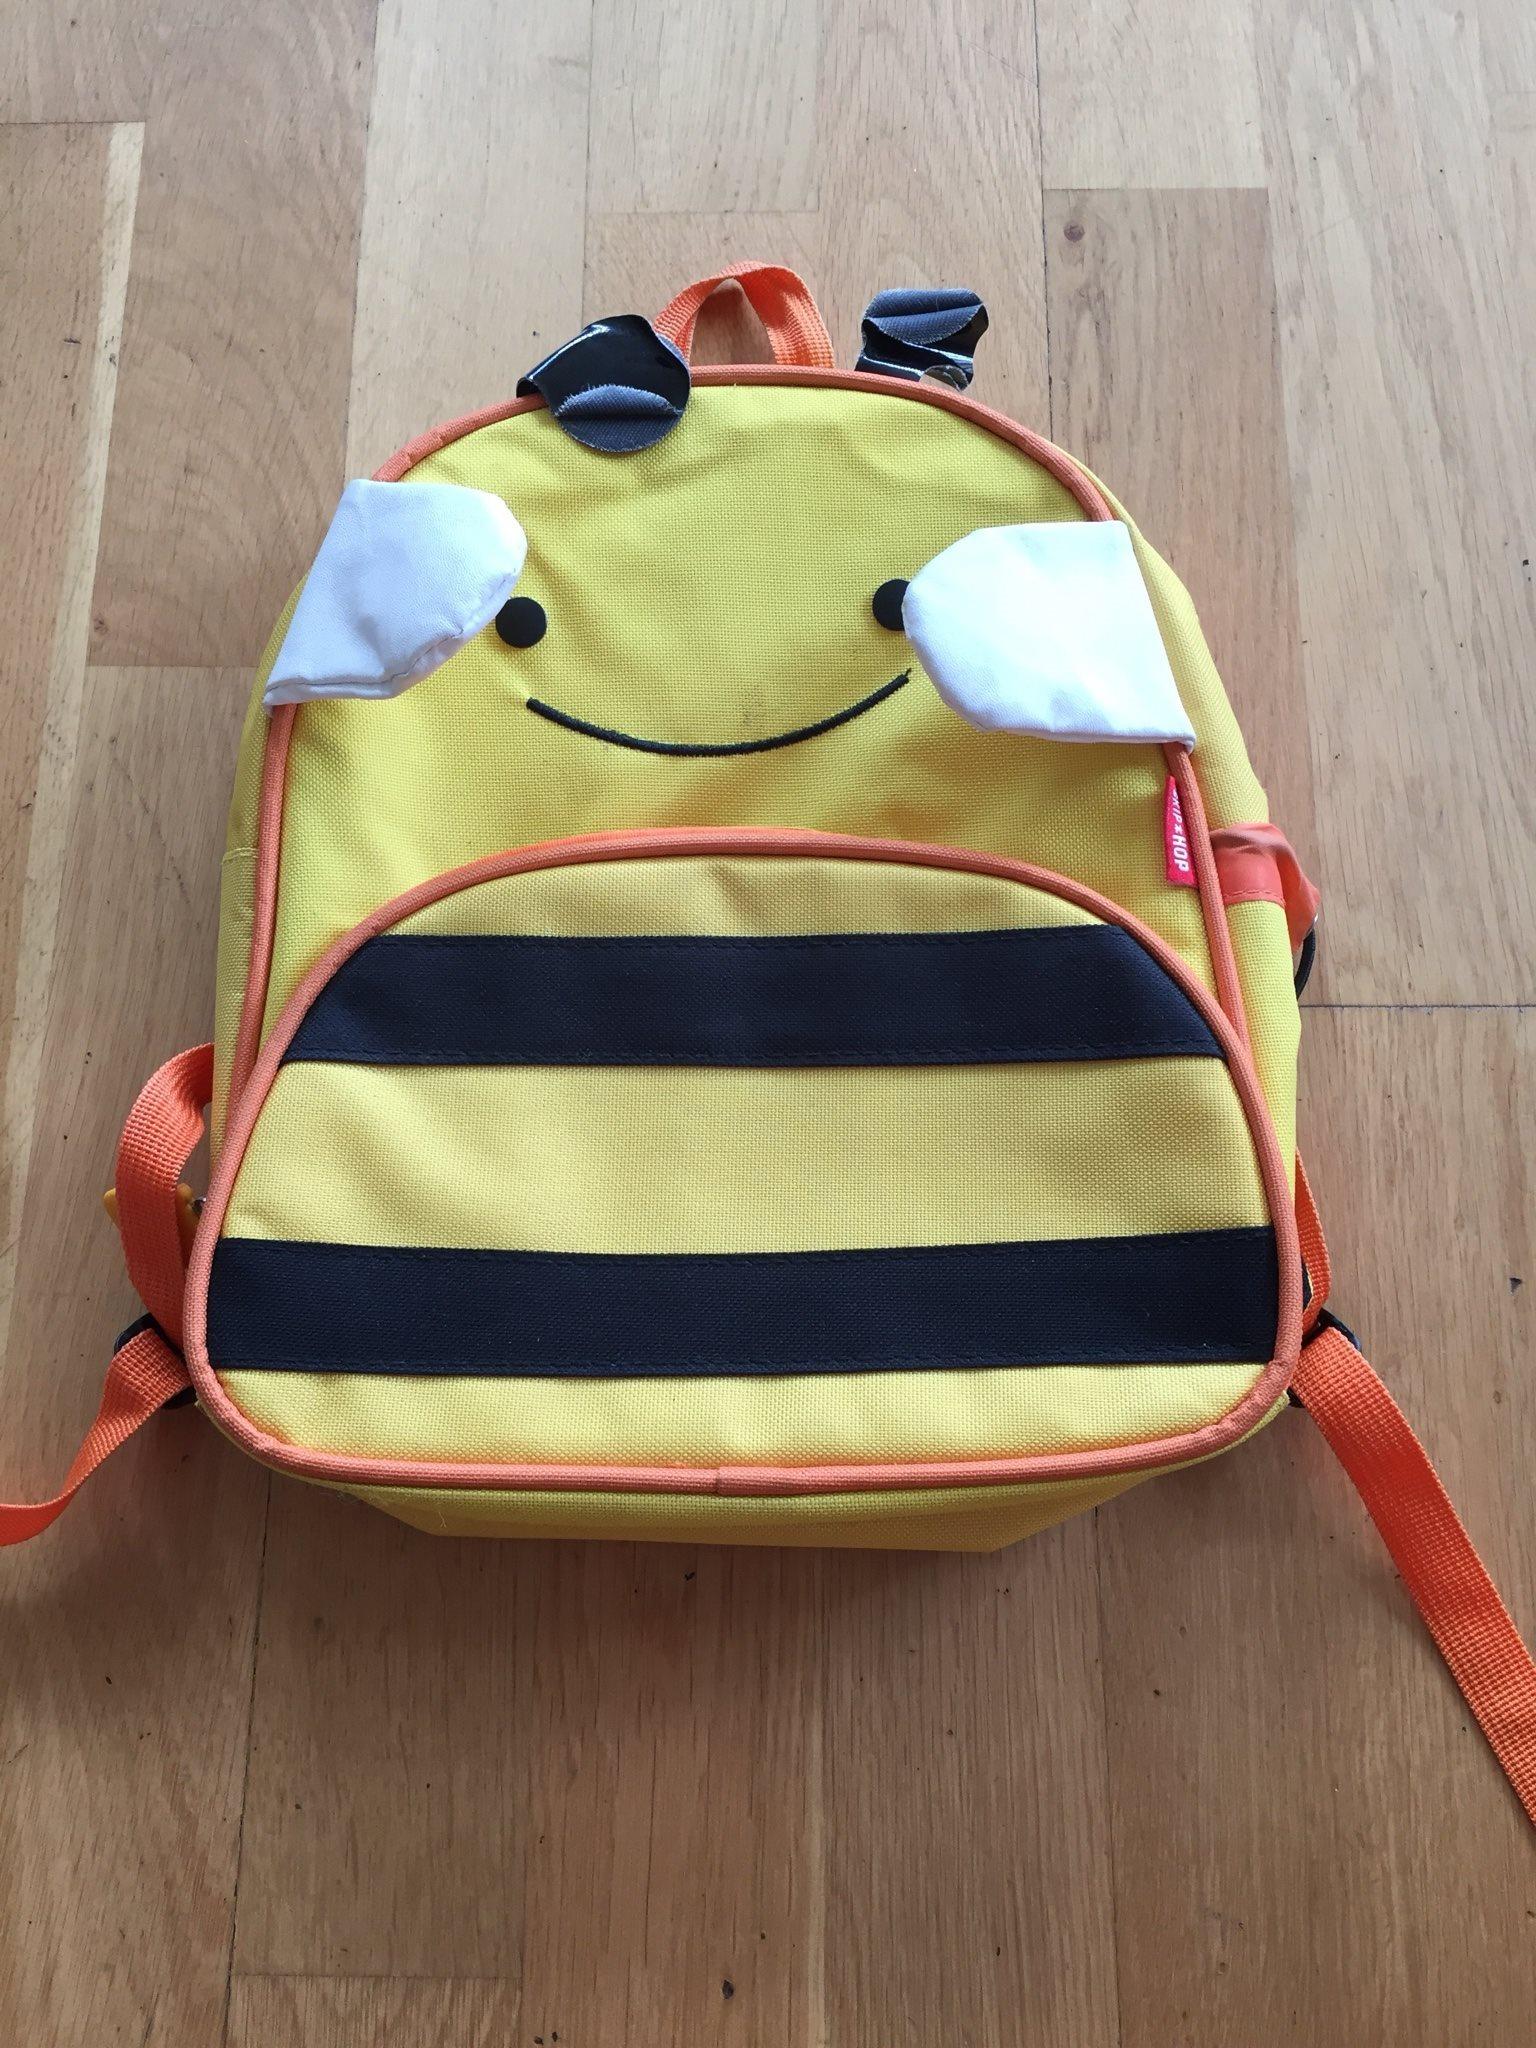 Skip hop barnryggsäck (315011233) ᐈ Köp på Tradera b901e7fbea03b